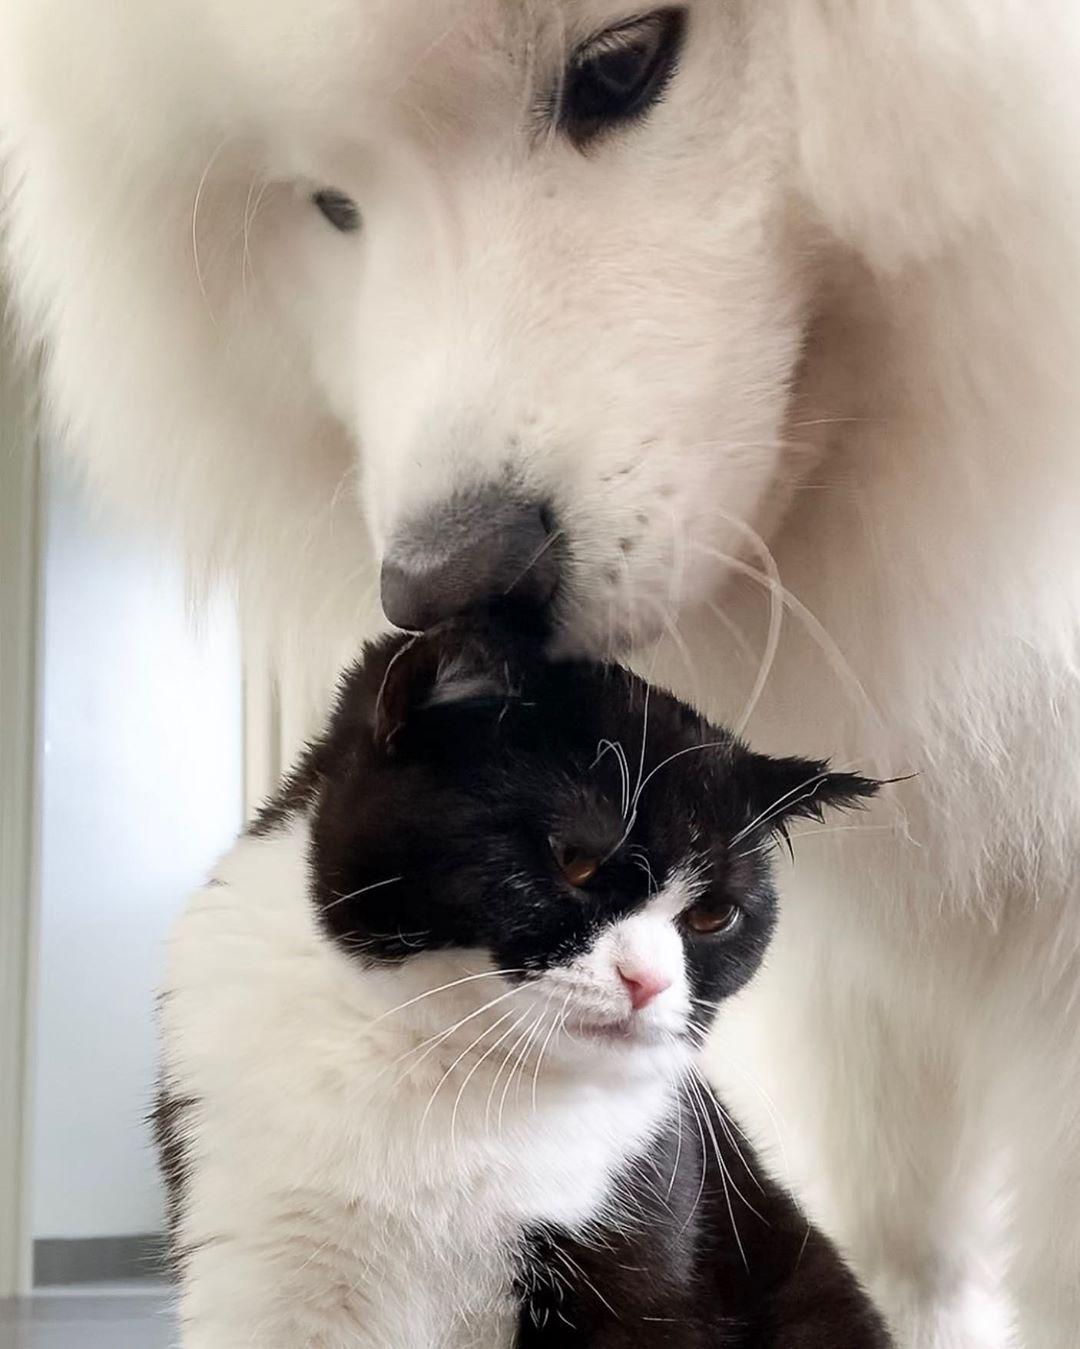 Порода кошек шотландская прямоухая: чем отличается от британской, характер страйтов, наследственные заболевания